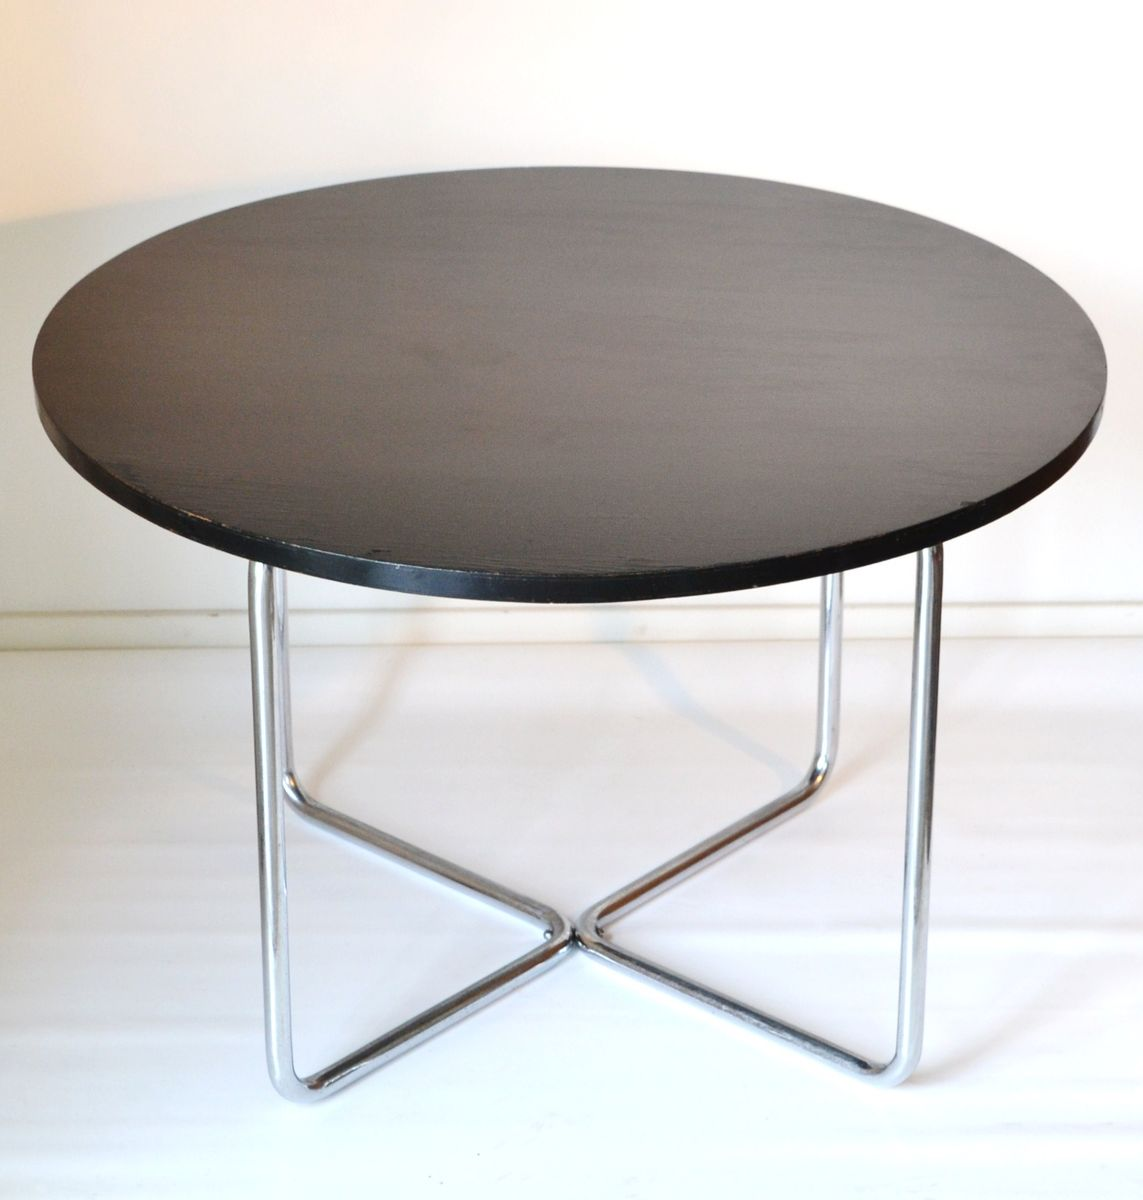 b28 couchtisch von marcel breuer f r thonet 1930 bei. Black Bedroom Furniture Sets. Home Design Ideas